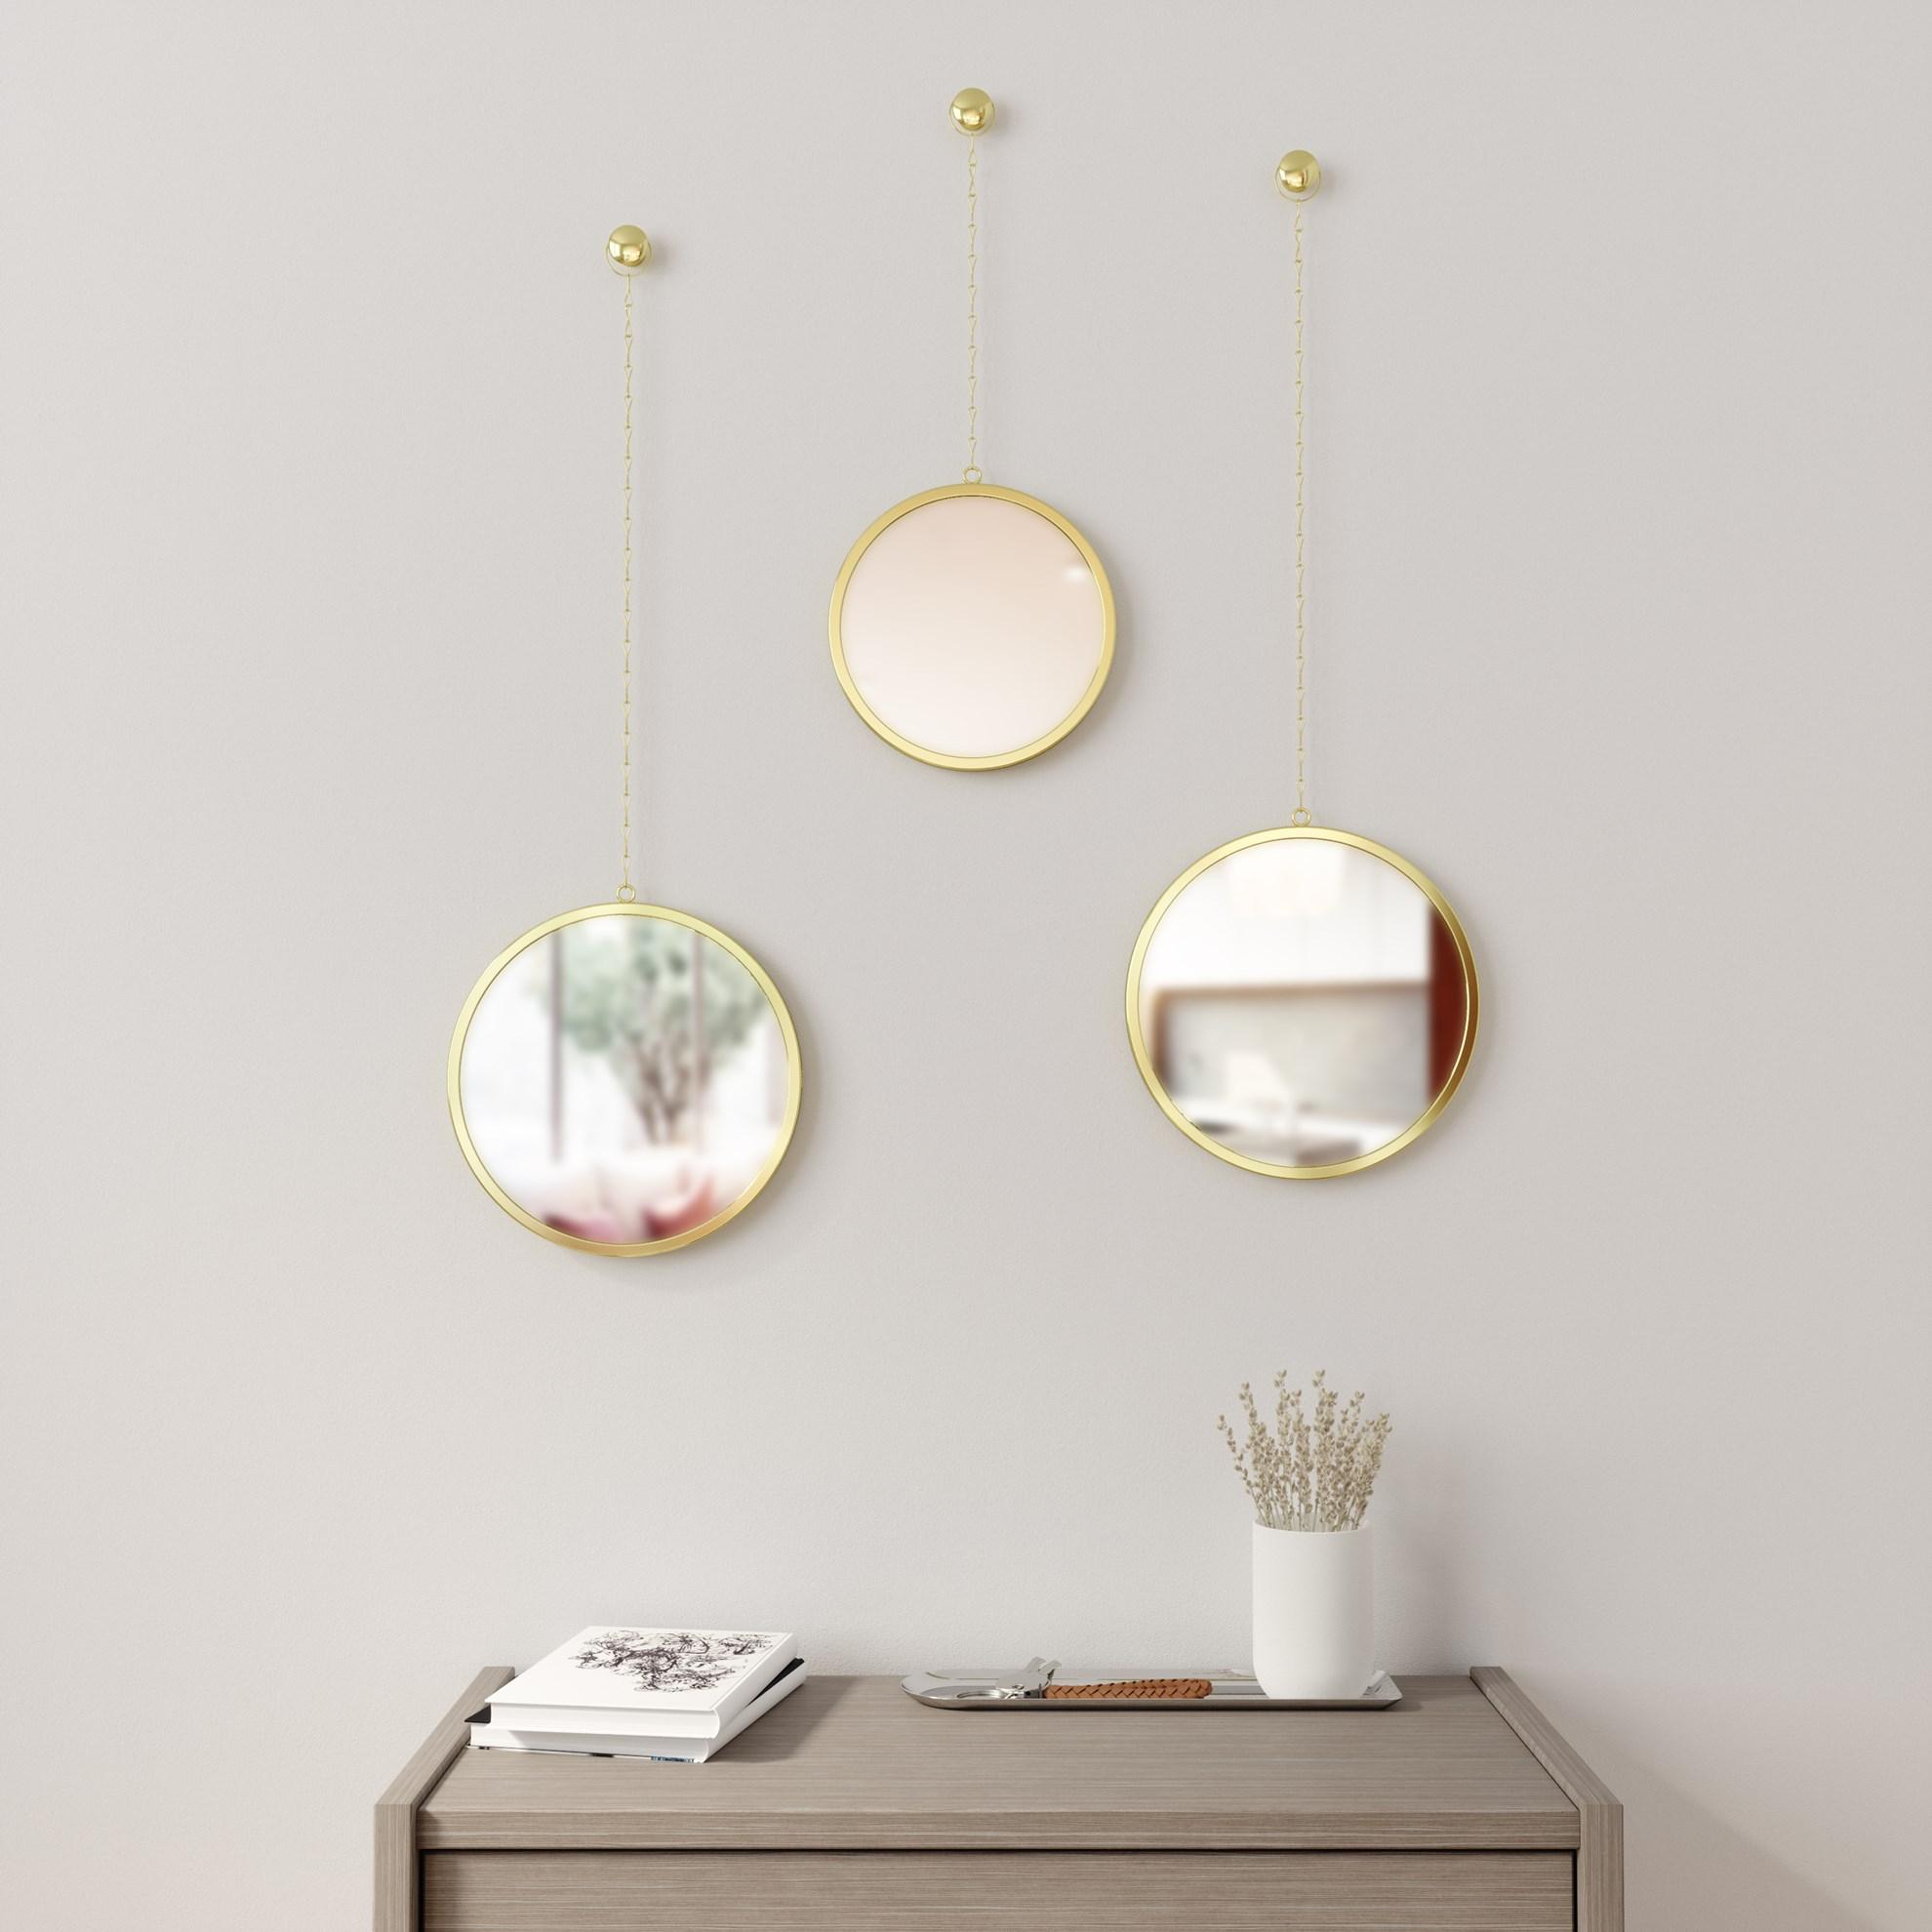 Zrcadlo DIMA set/3ks mosazné_1